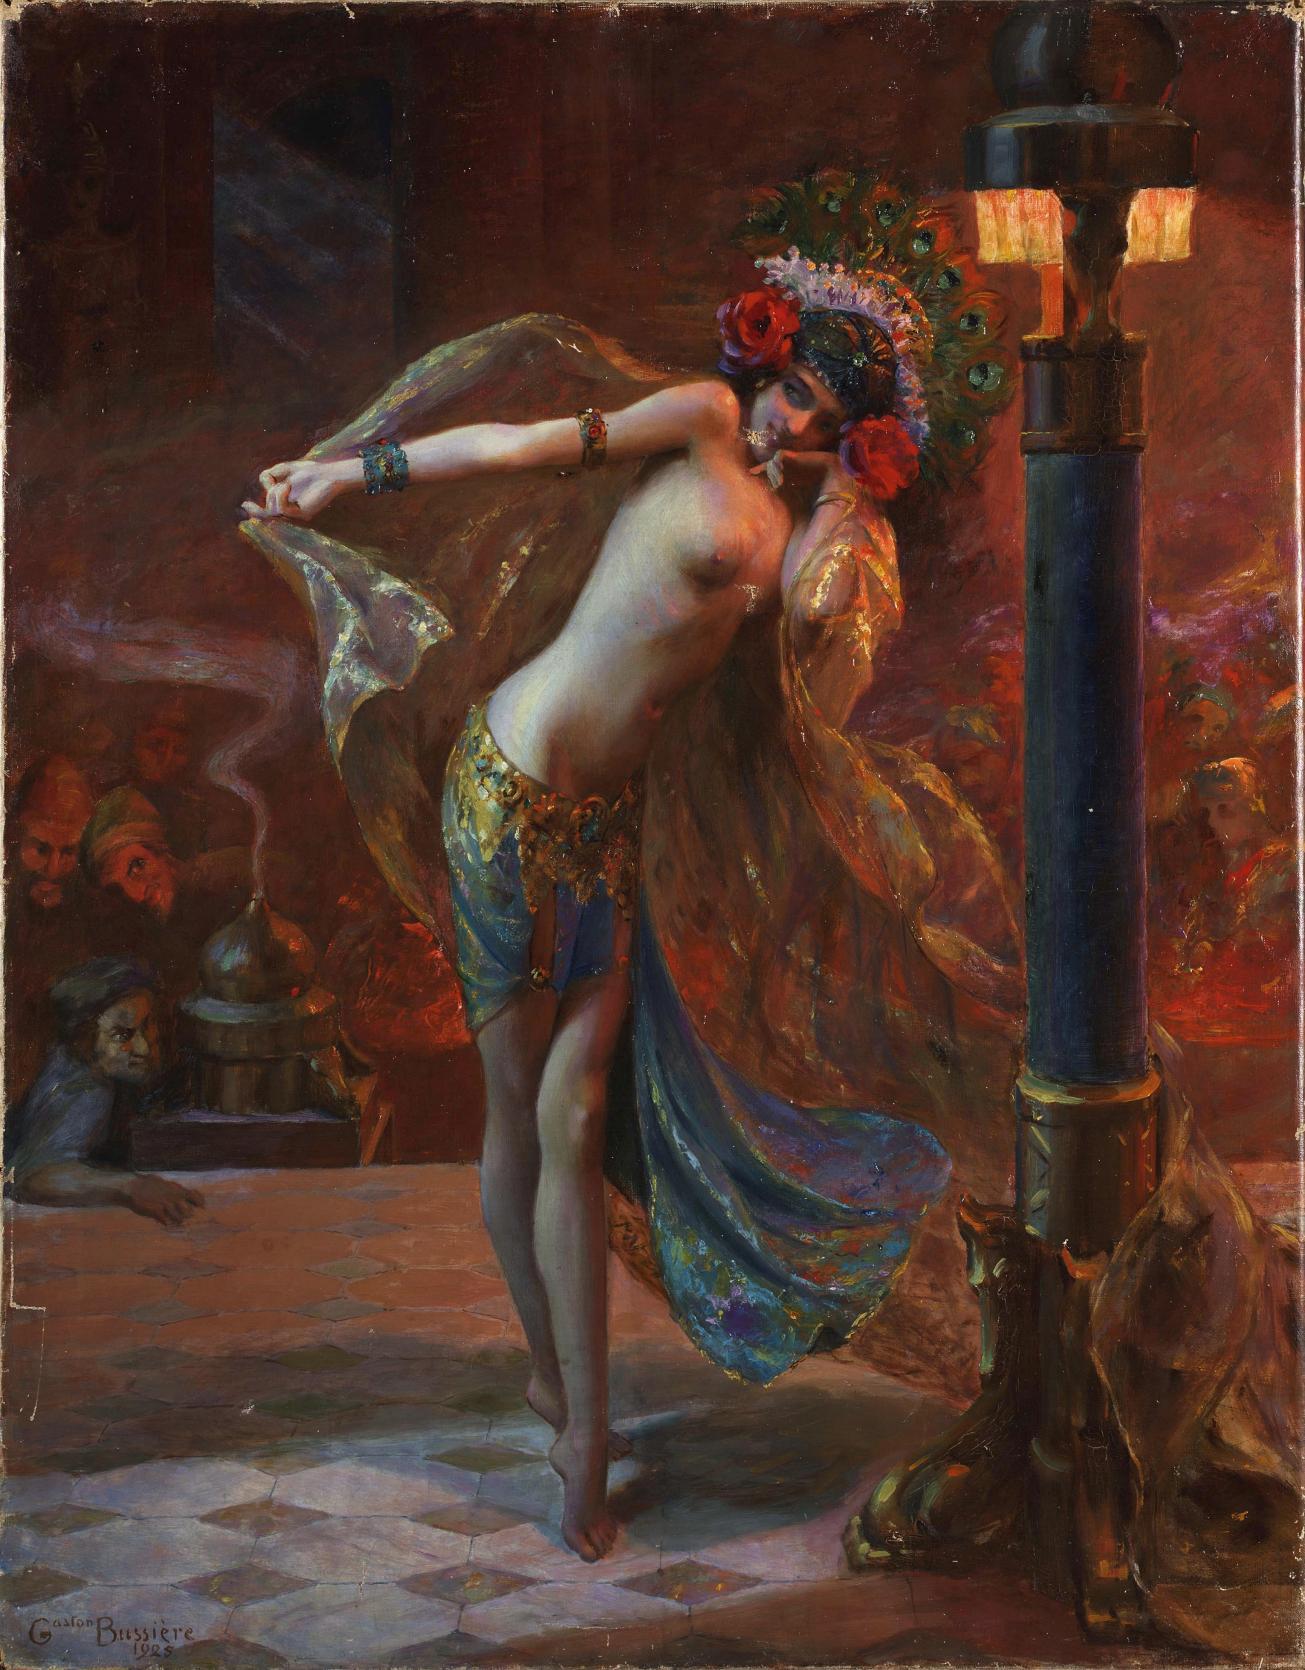 Gaston_Bussière_-_Dance_of_the_Seven_Veils_(1925)